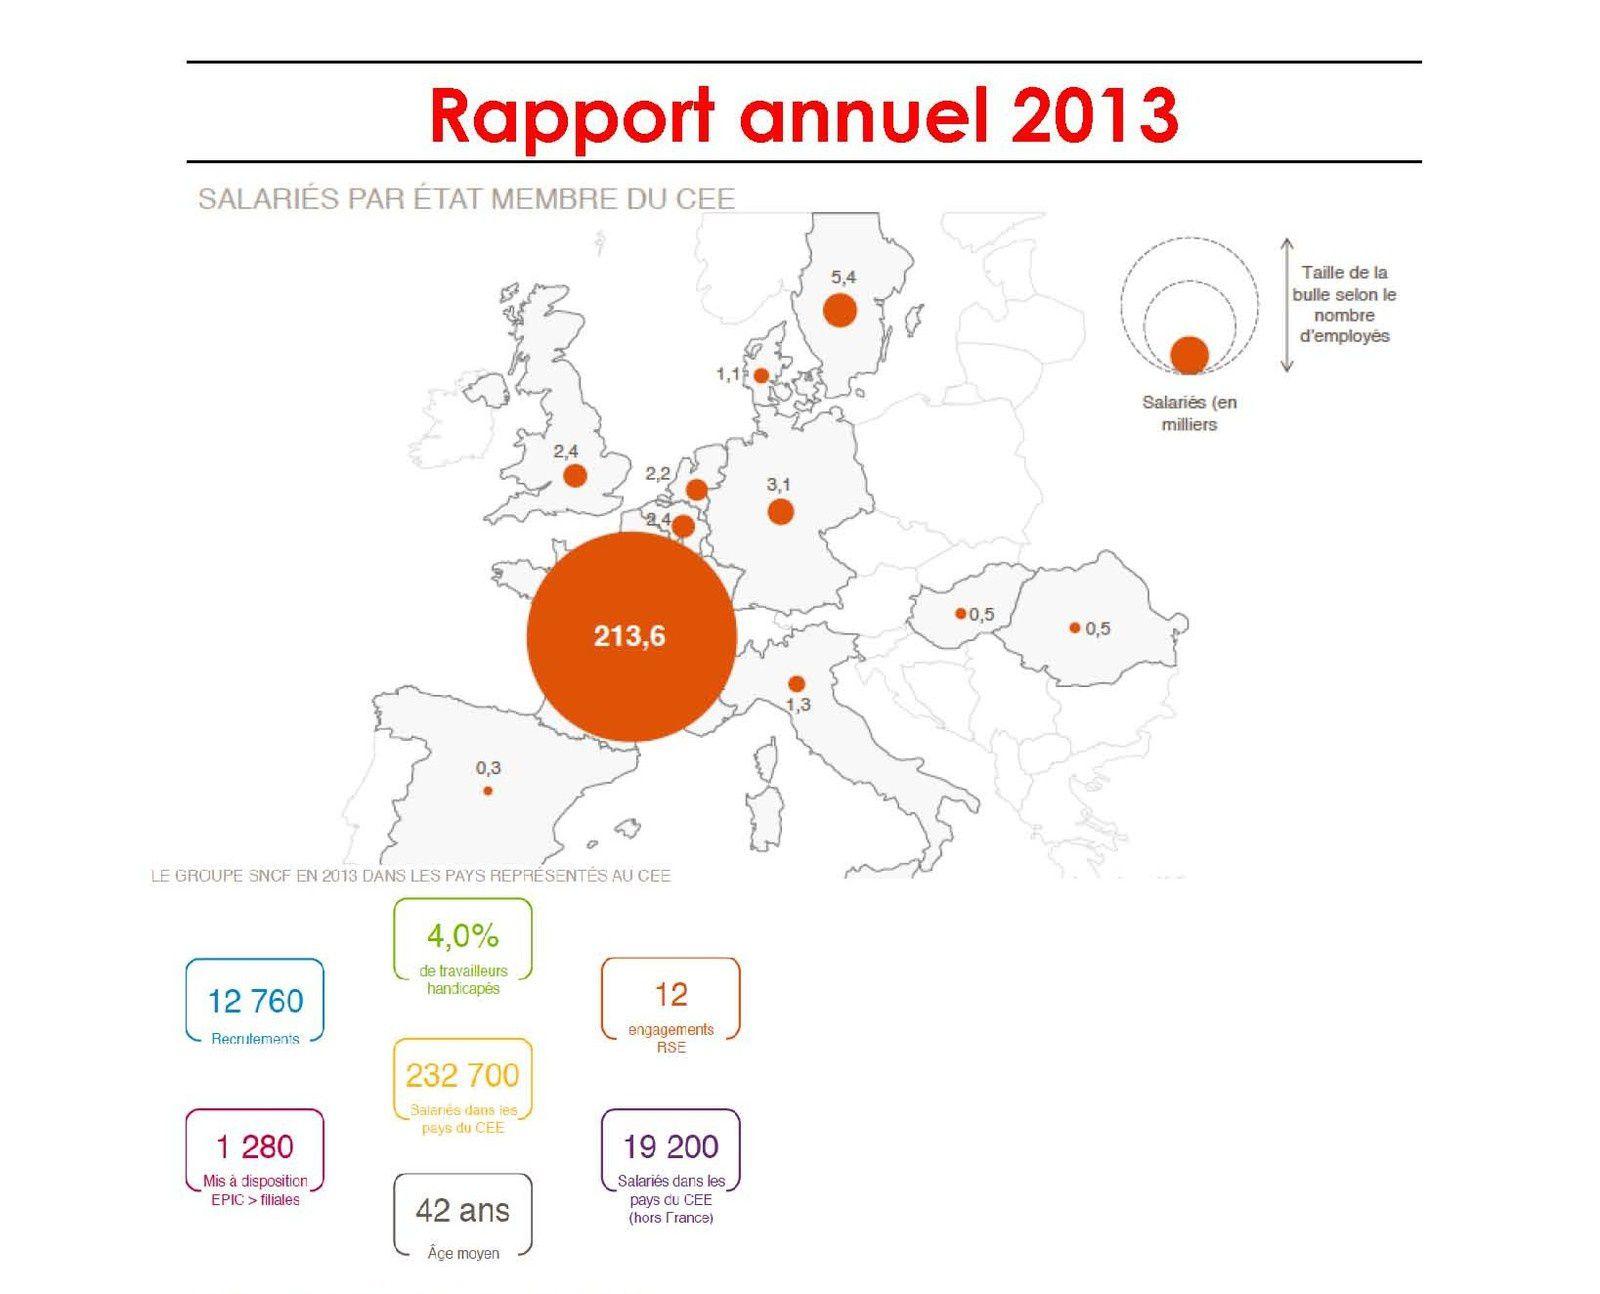 Informations du Comité d'Entreprise Européen SNCF